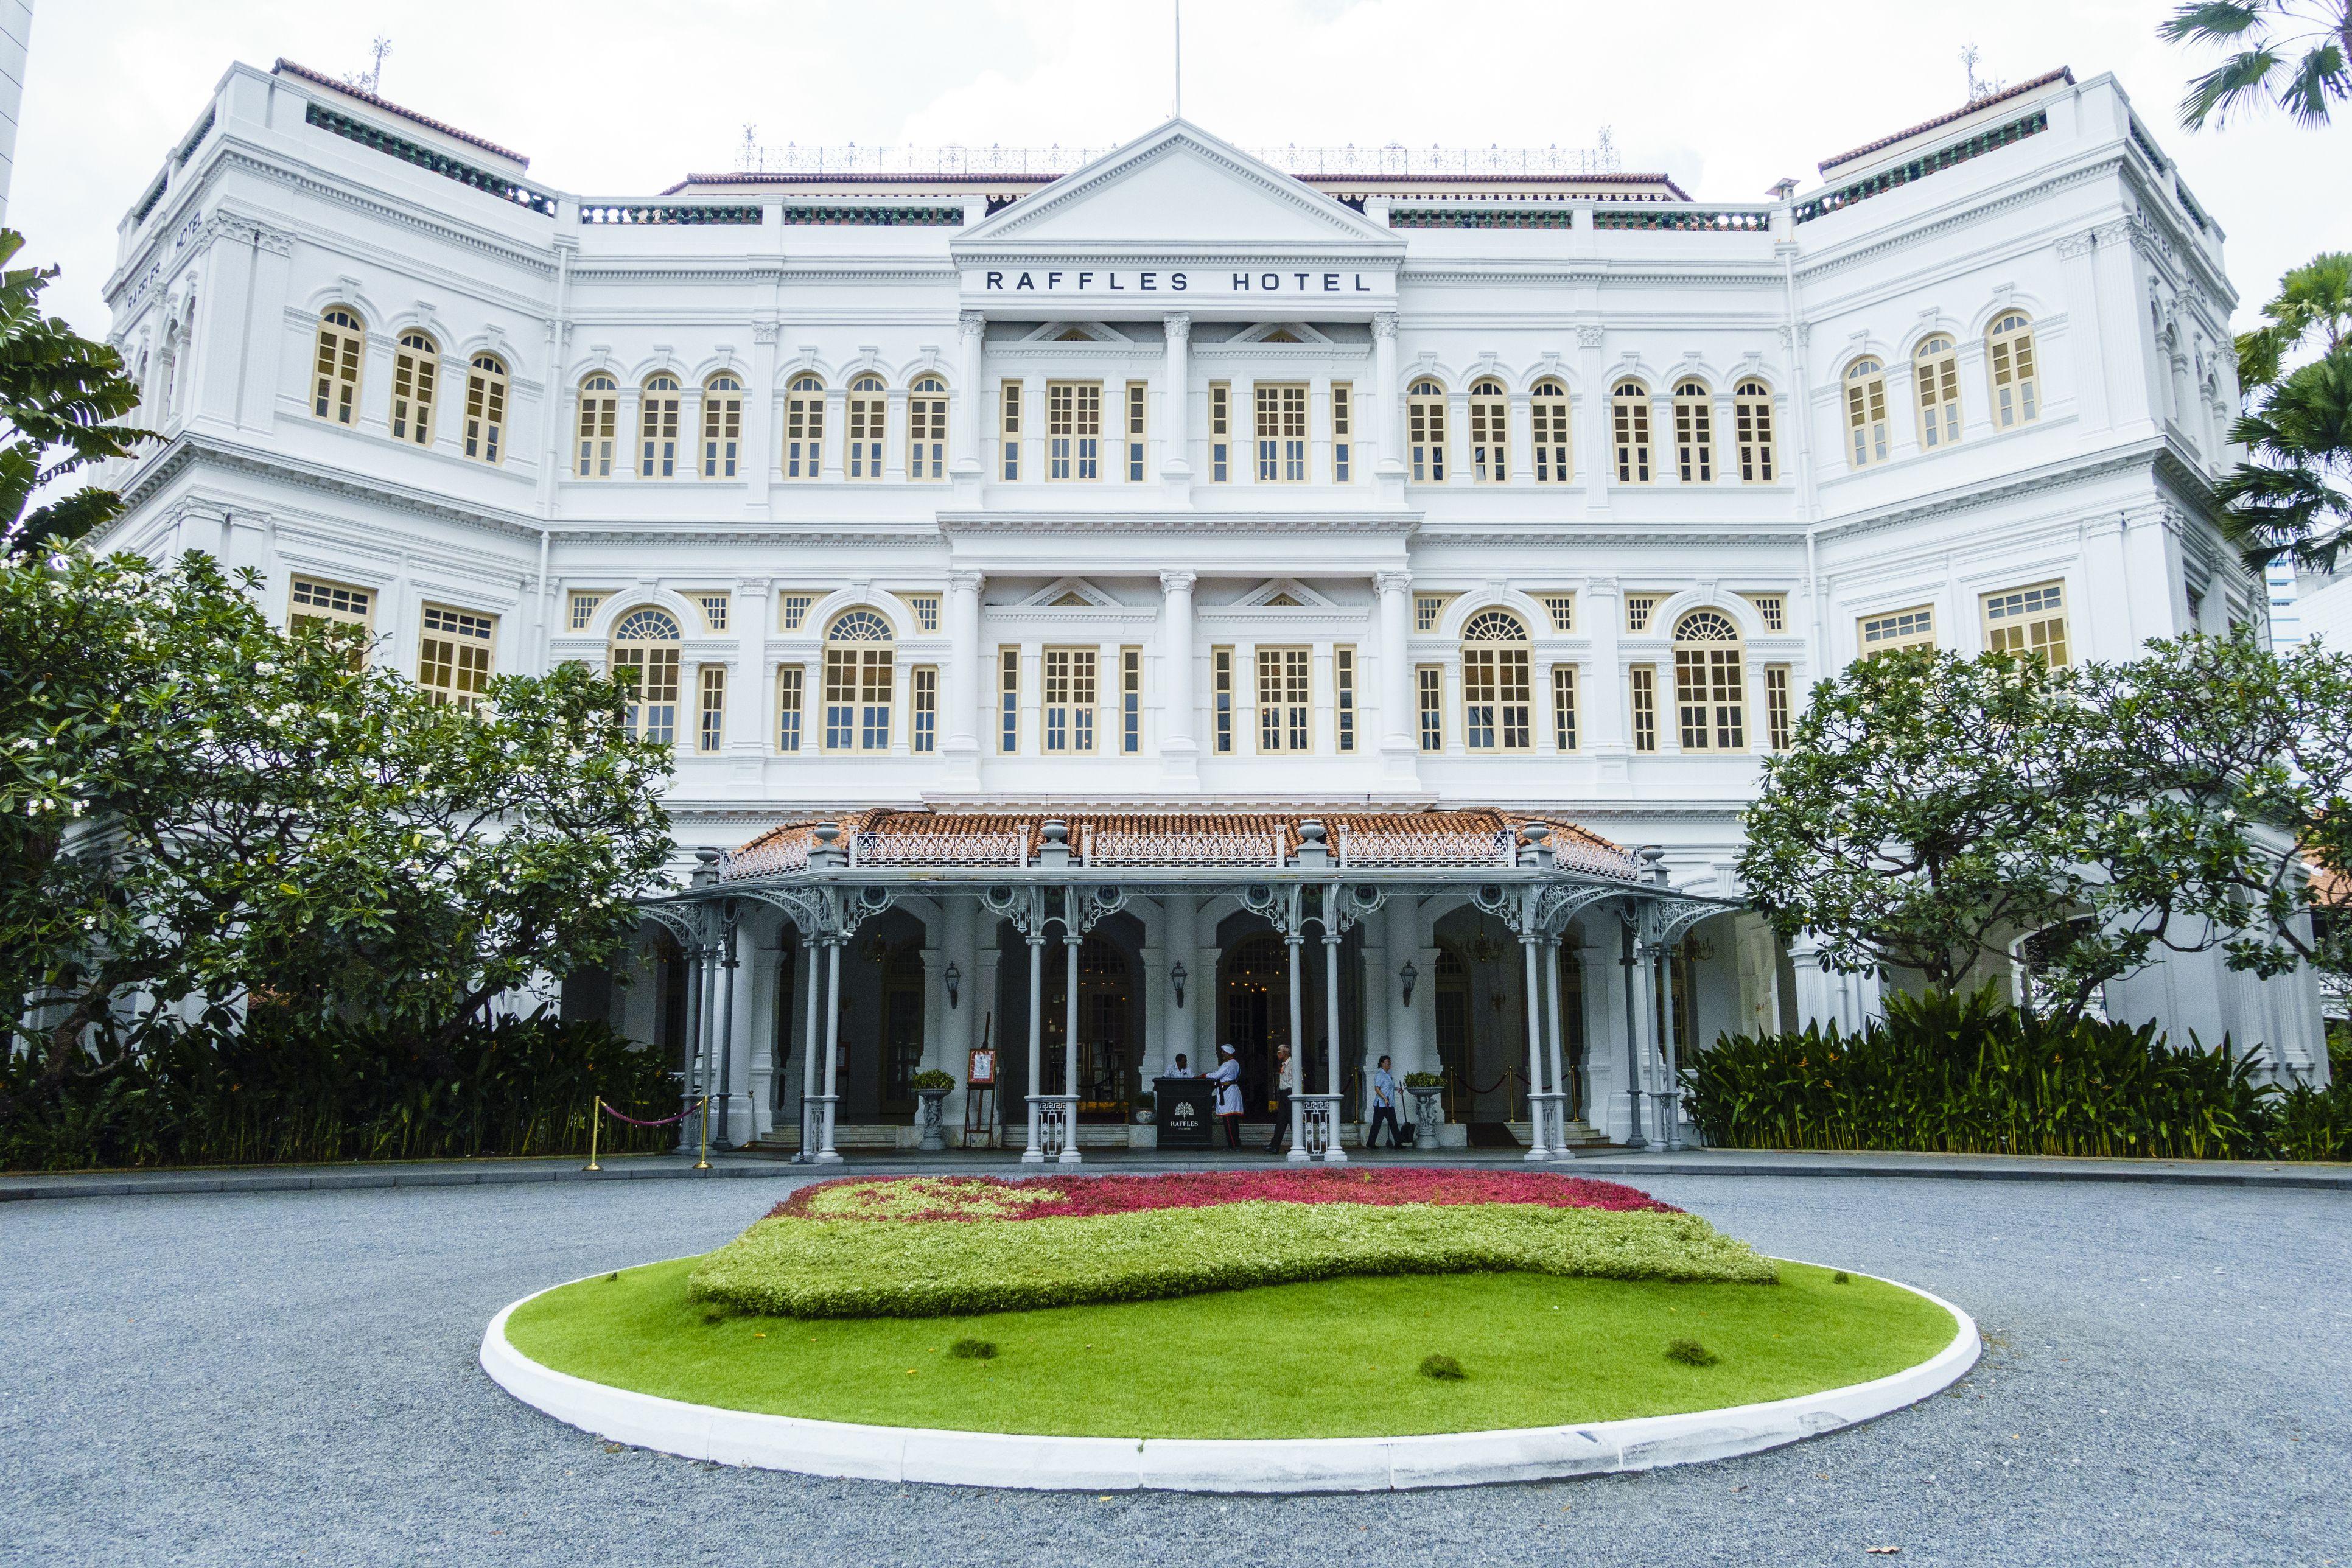 El famoso Raffles Hotel, un hito de Singapur, Singapur, Sudeste de Asia, Asia